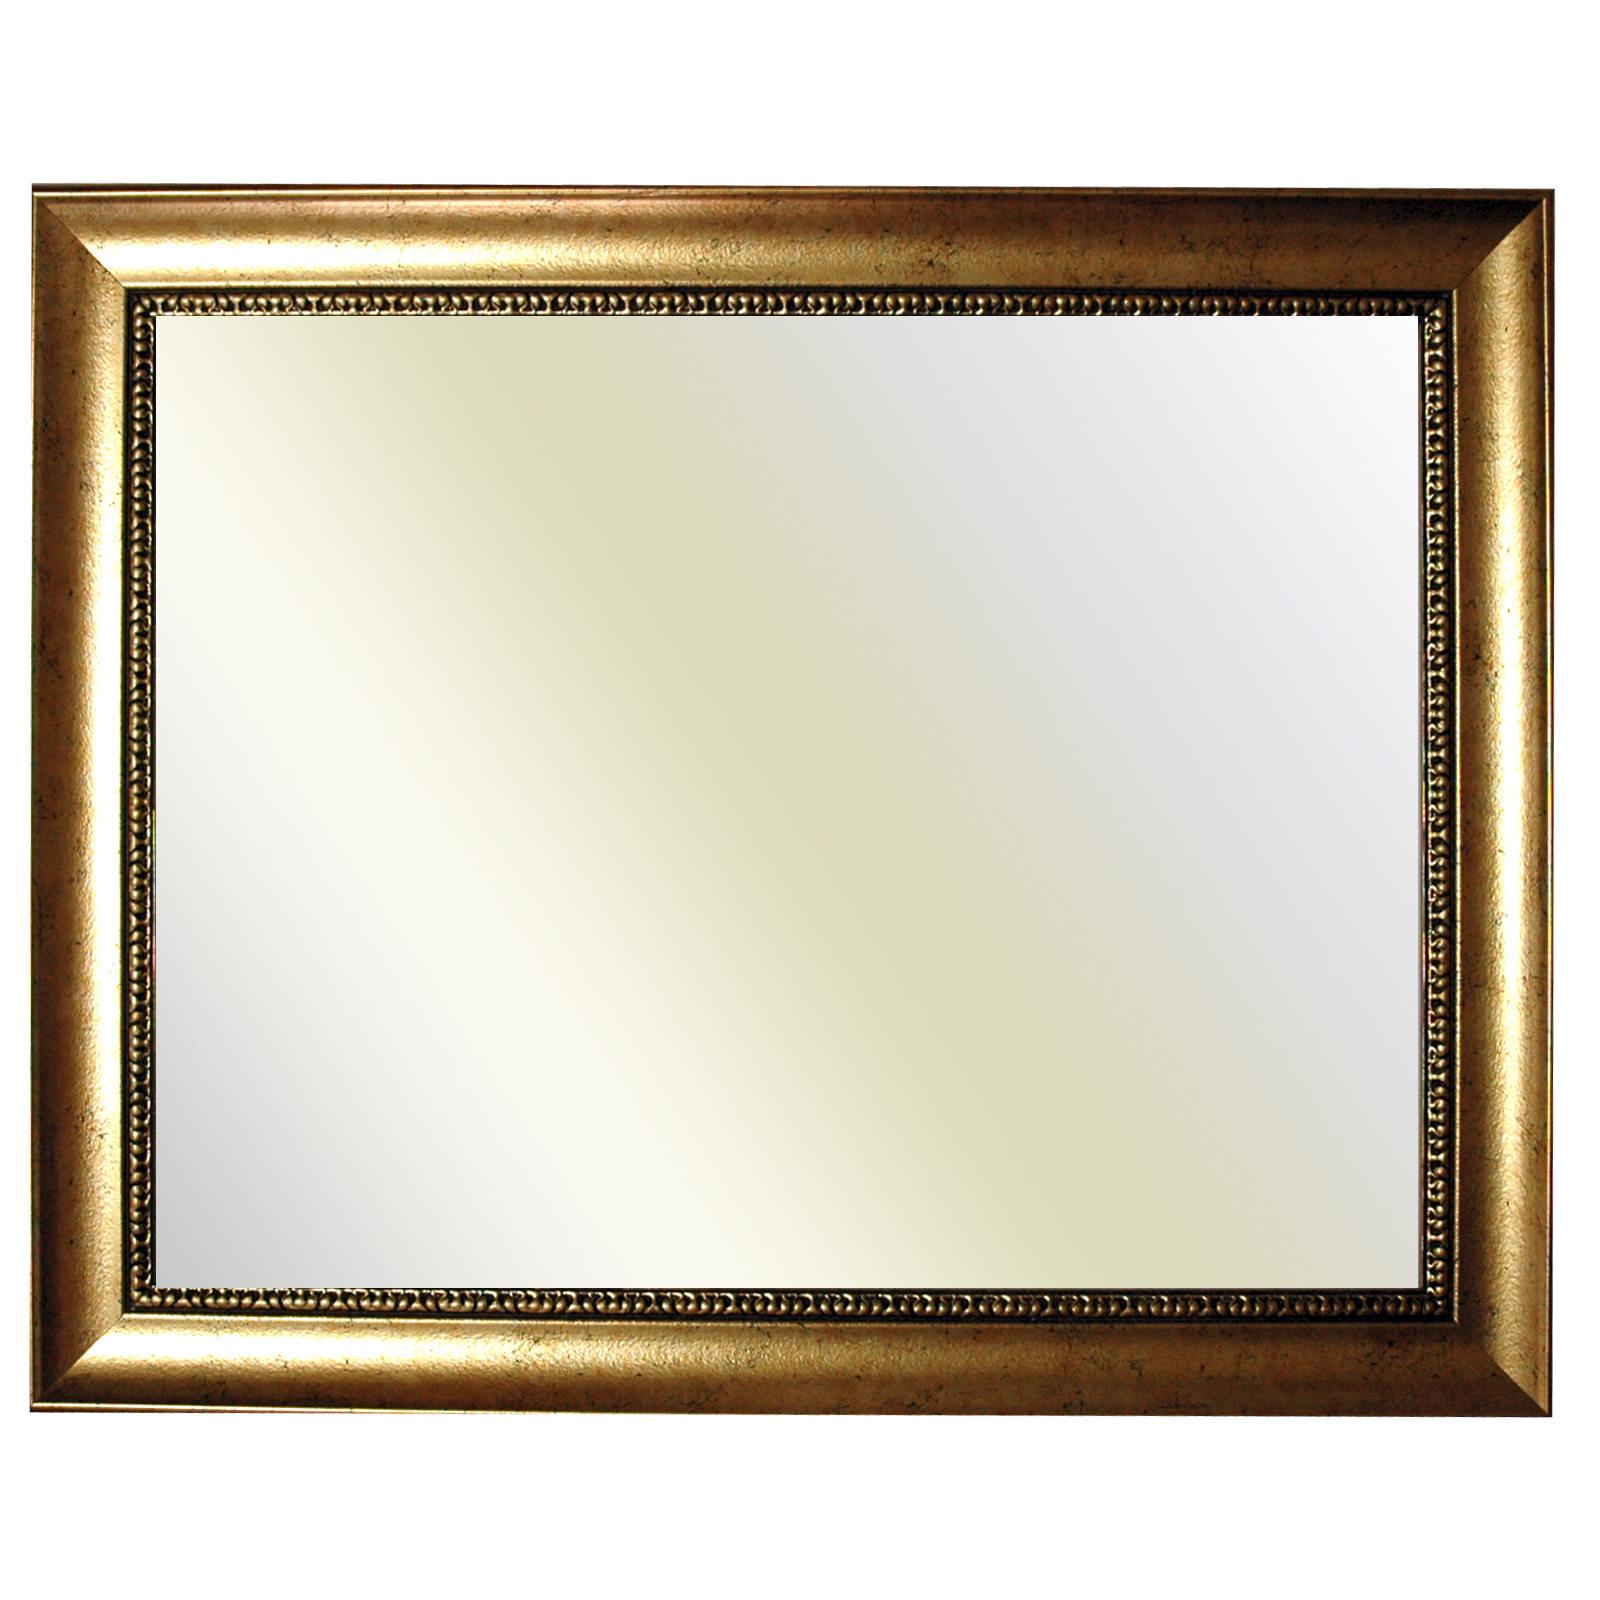 Baroque cadre or fineHommes t décorés 246 Oro, différentes variantes variantes variantes | Luxuriante Dans La Conception  106f95